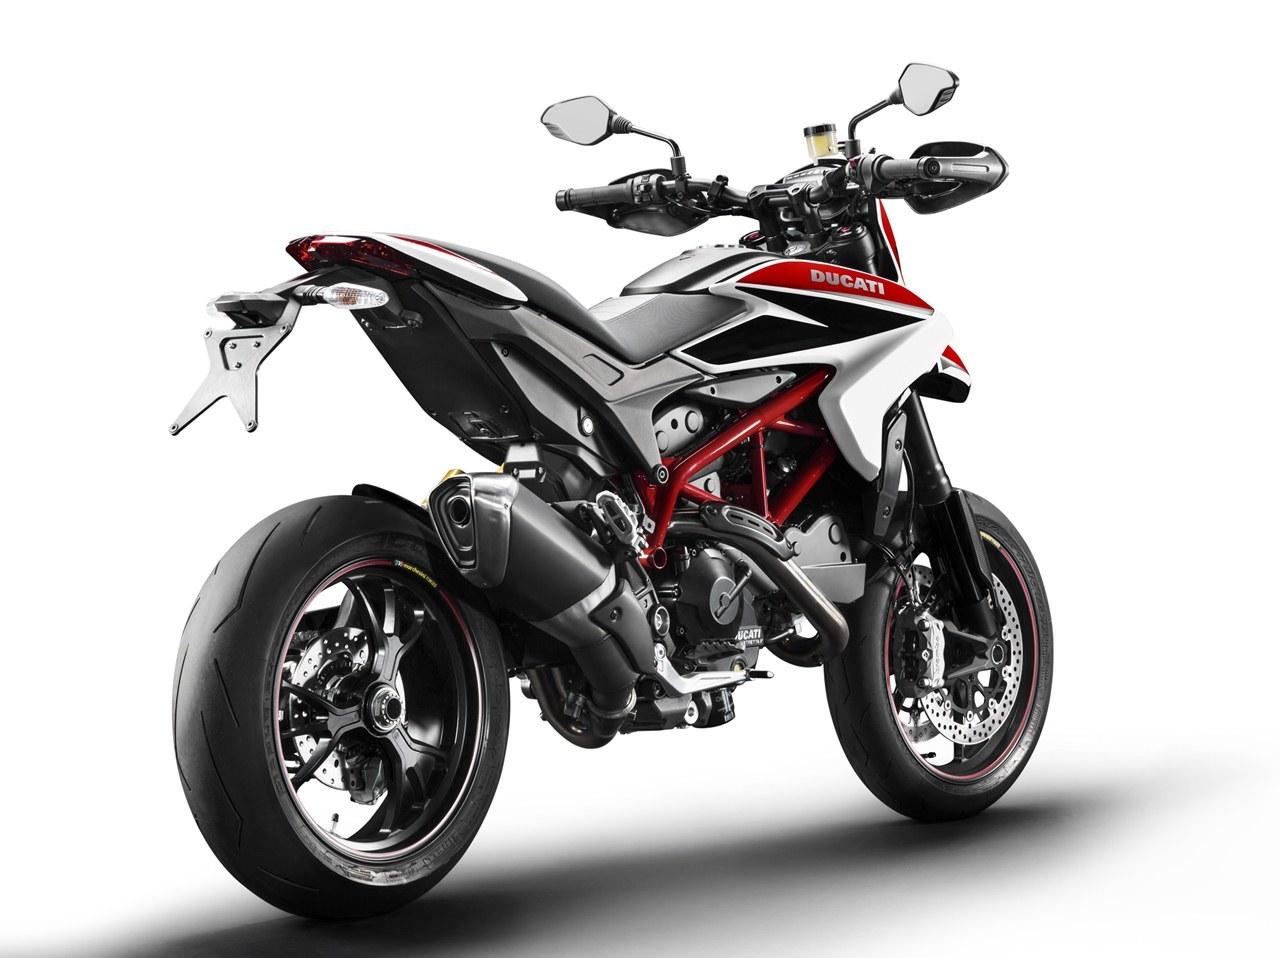 Foto de Ducati Hypermotard, Hypermotard SP e Hyperstrada (16/19)